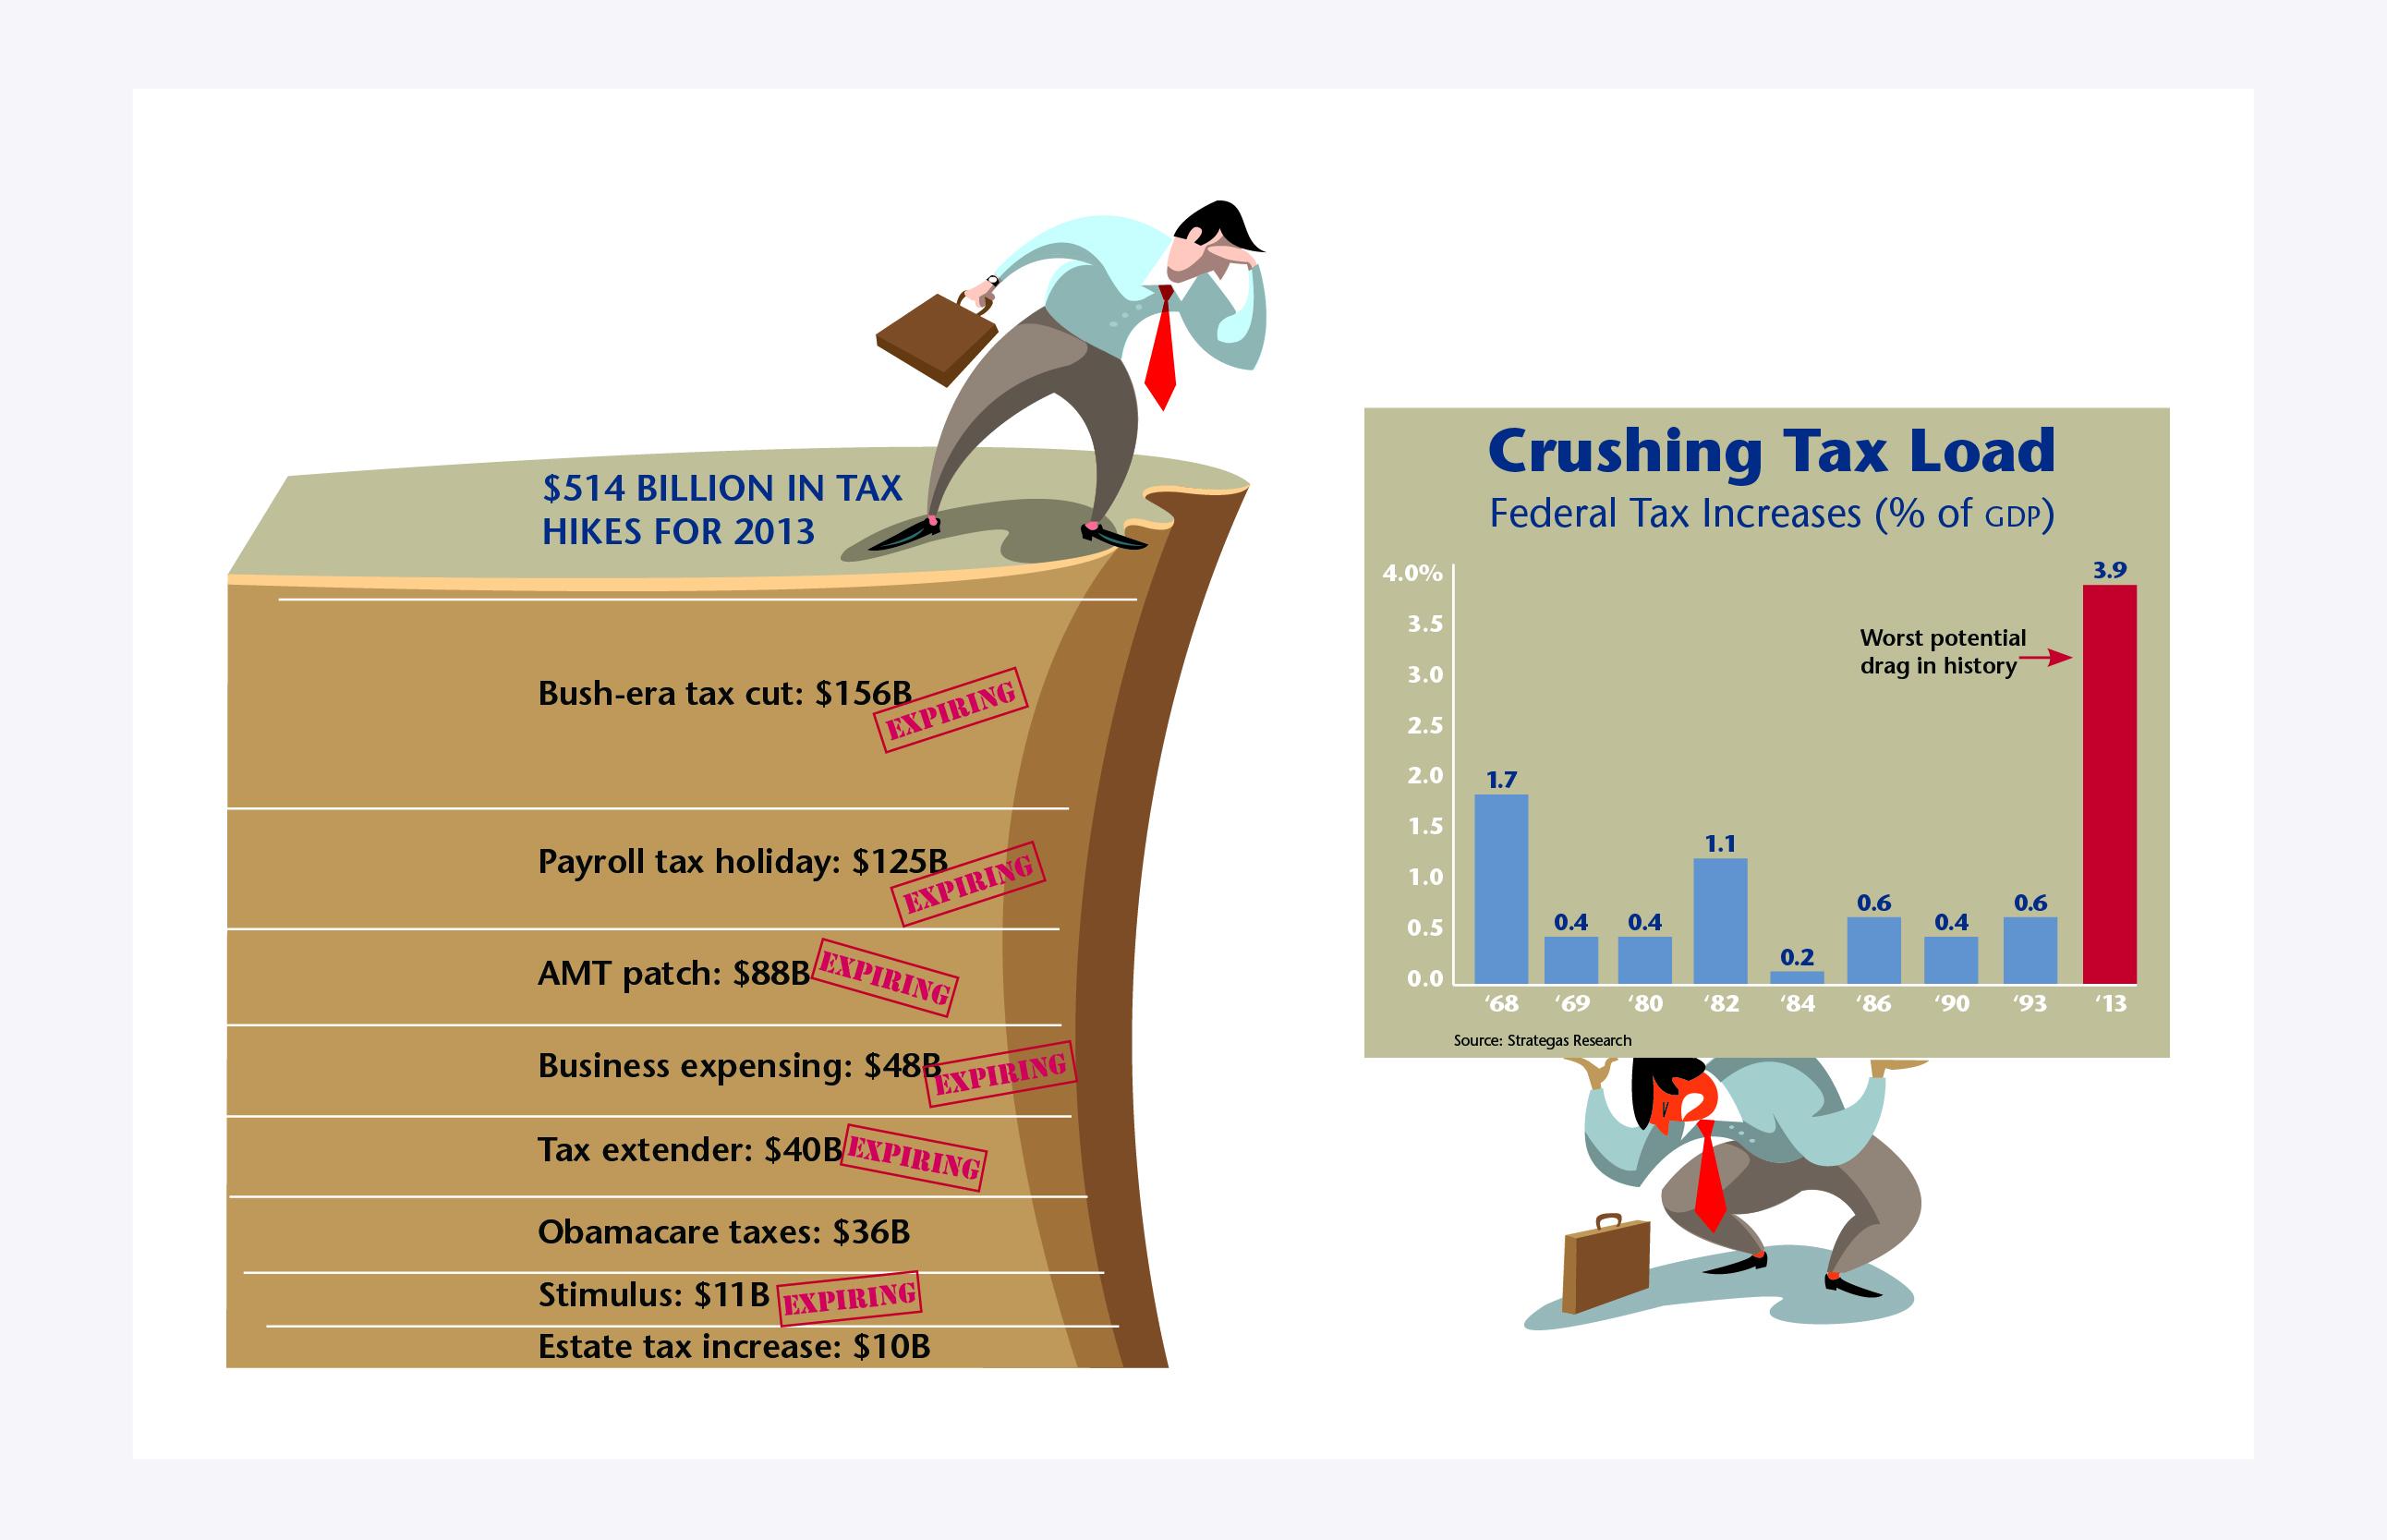 Crushing Tax Load